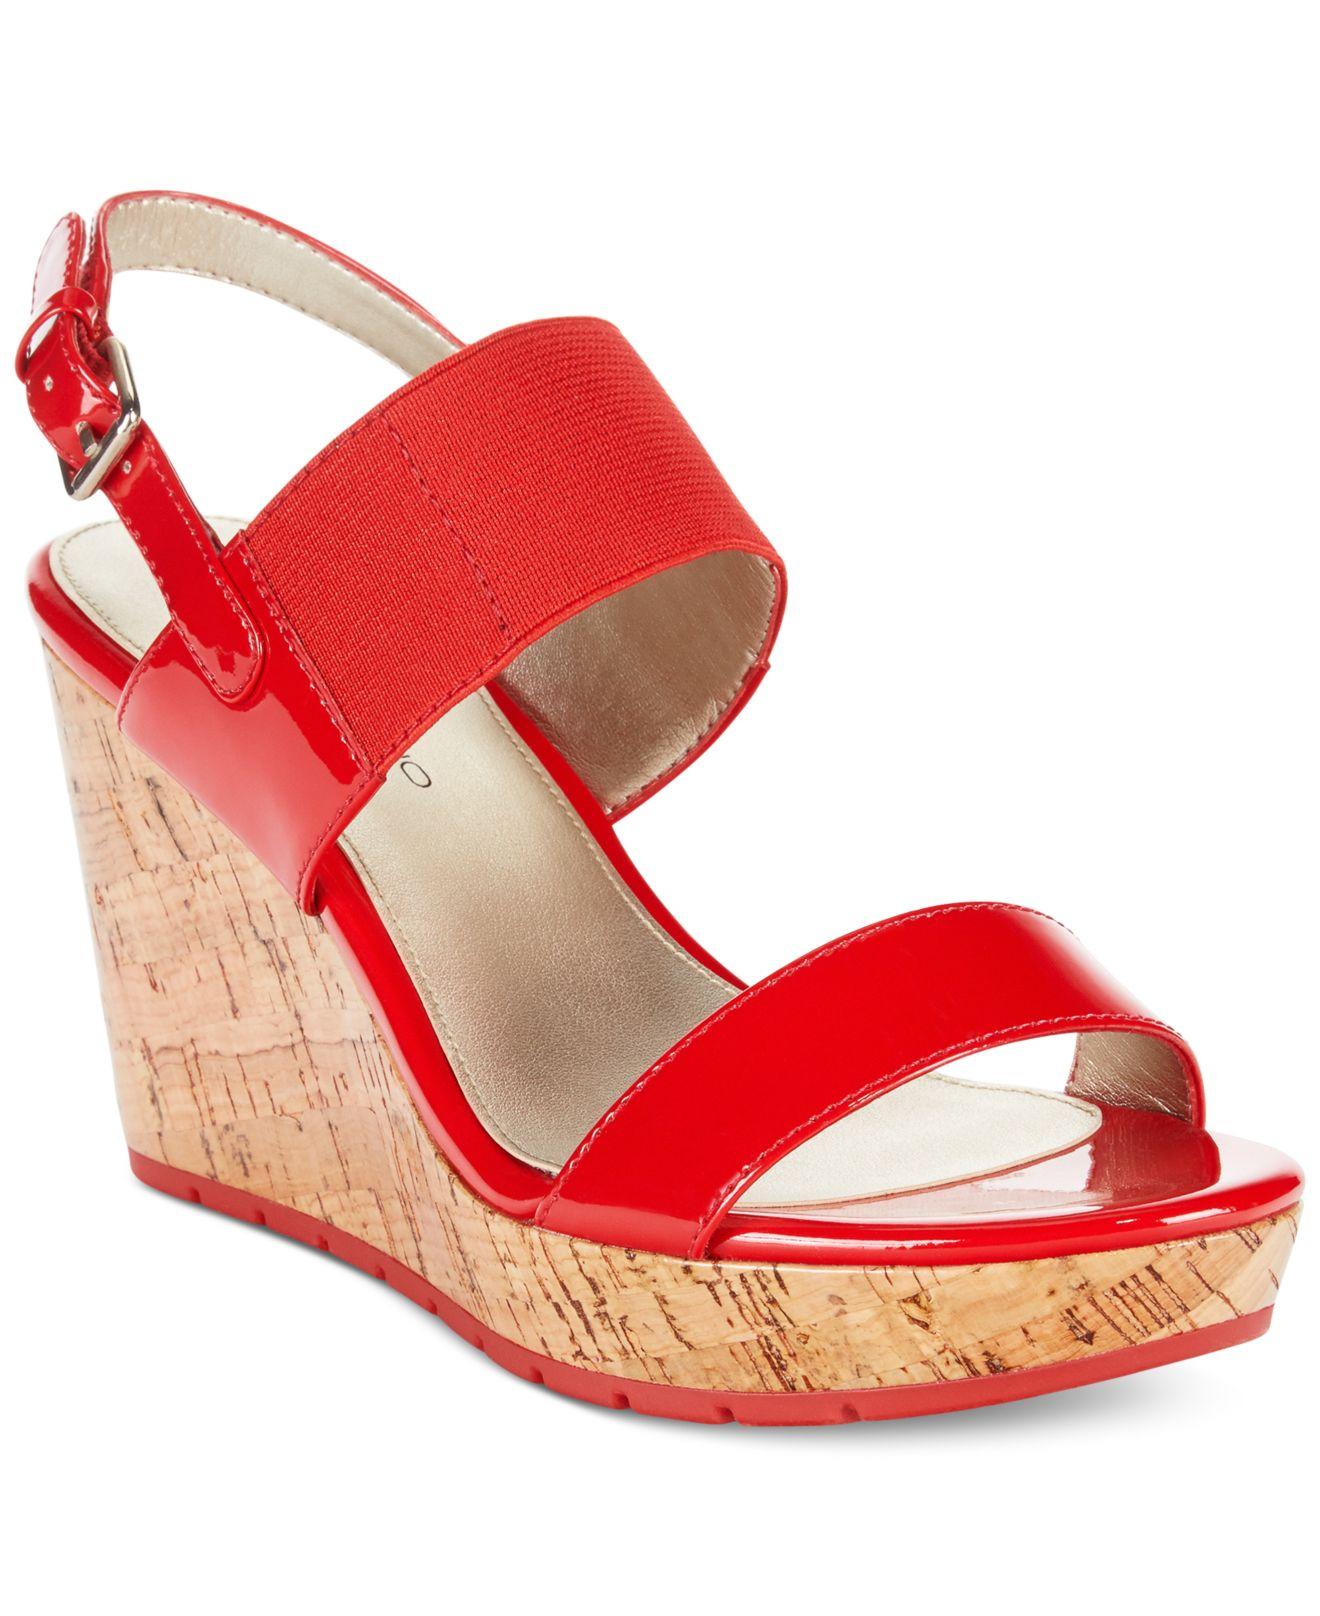 6a05d5b1379 Lyst - Bandolino Annika Platform Wedge Sandals in Red